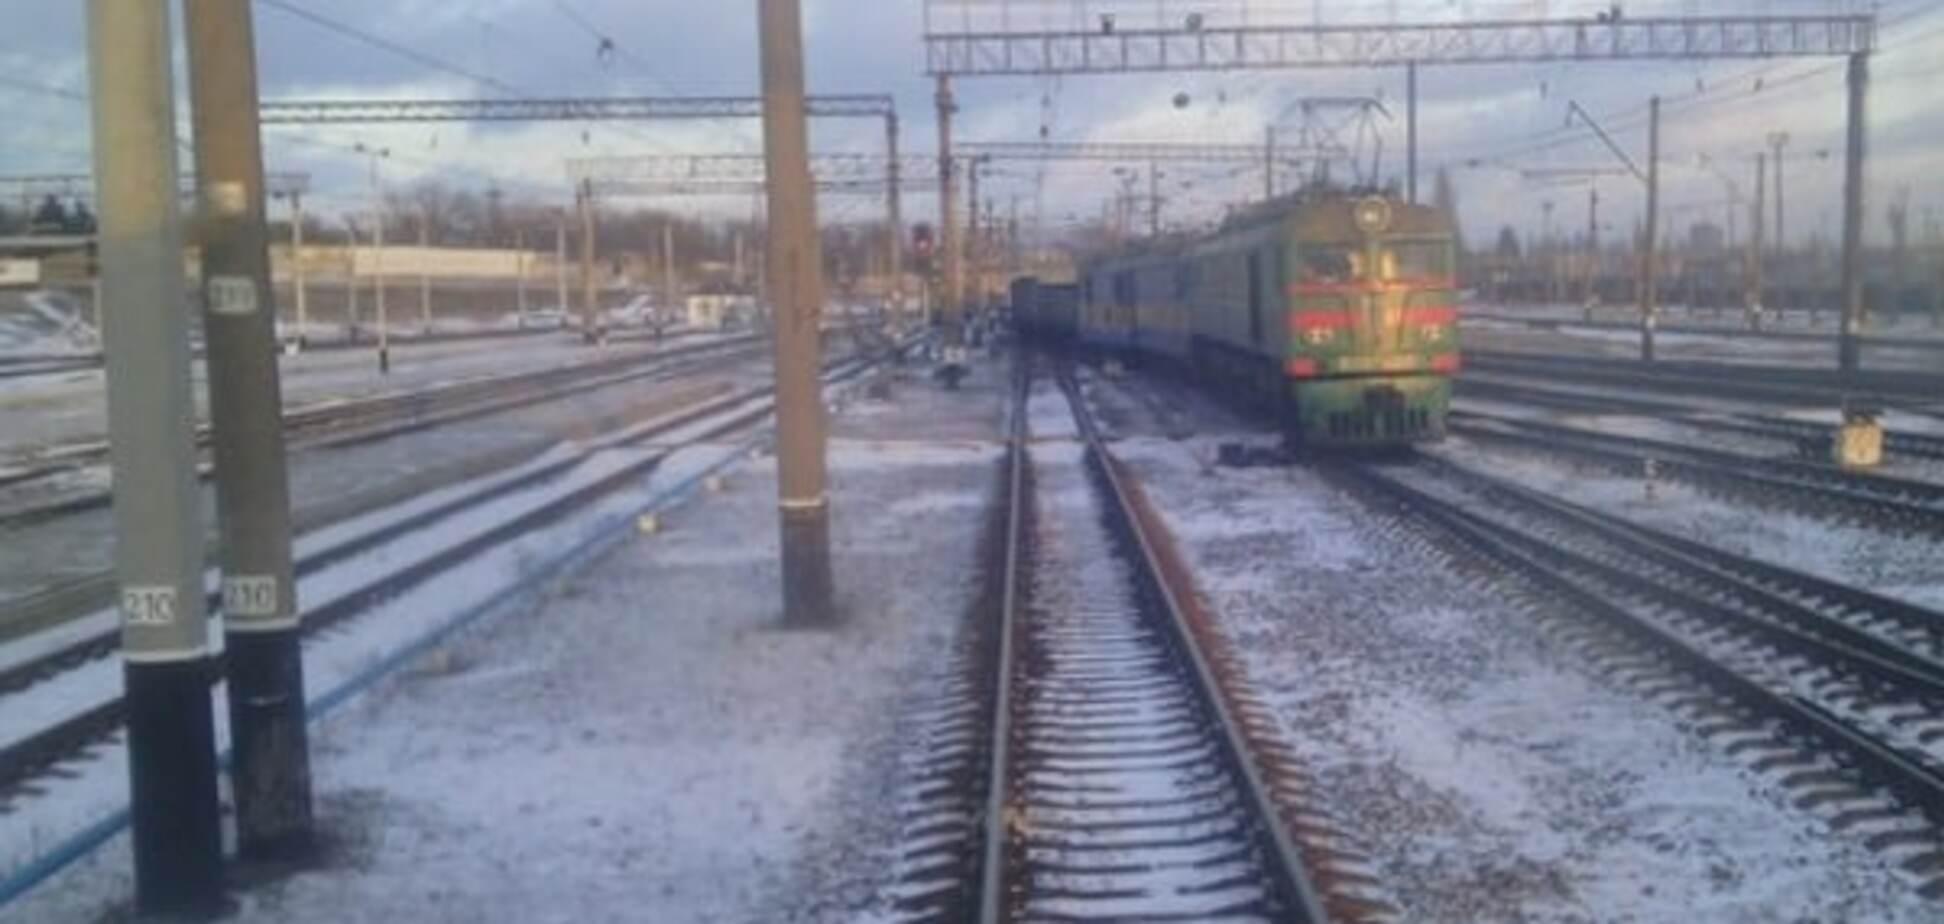 Терористи 'ДНР' повідомили про теракт в Ясинуватій